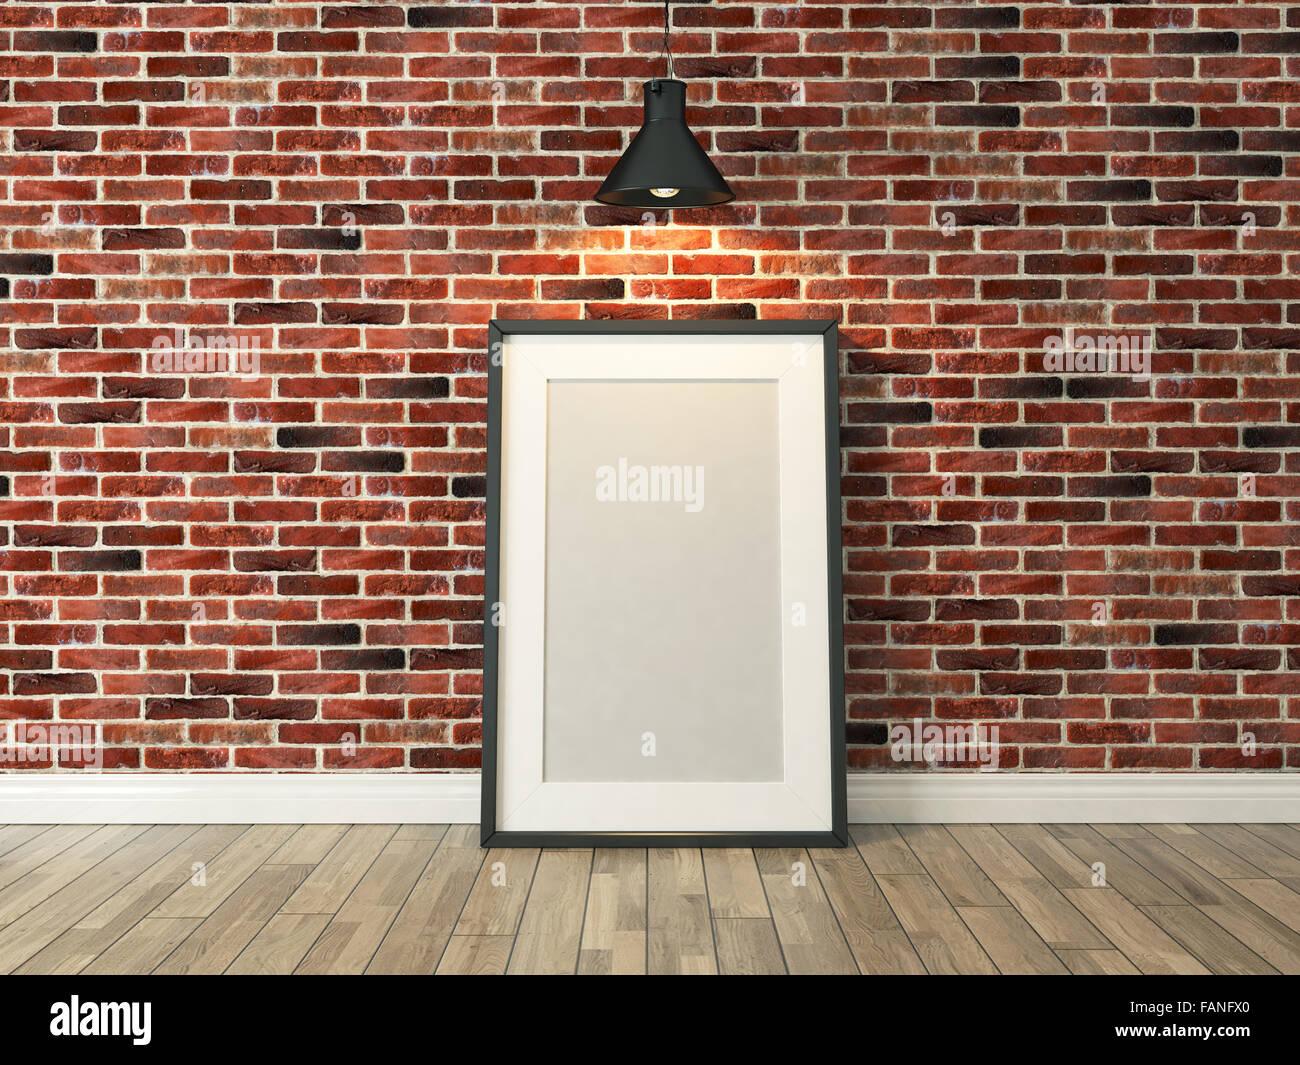 Bilderrahmen auf dem roten Ziegel Wand und Holz Boden unter spot ...